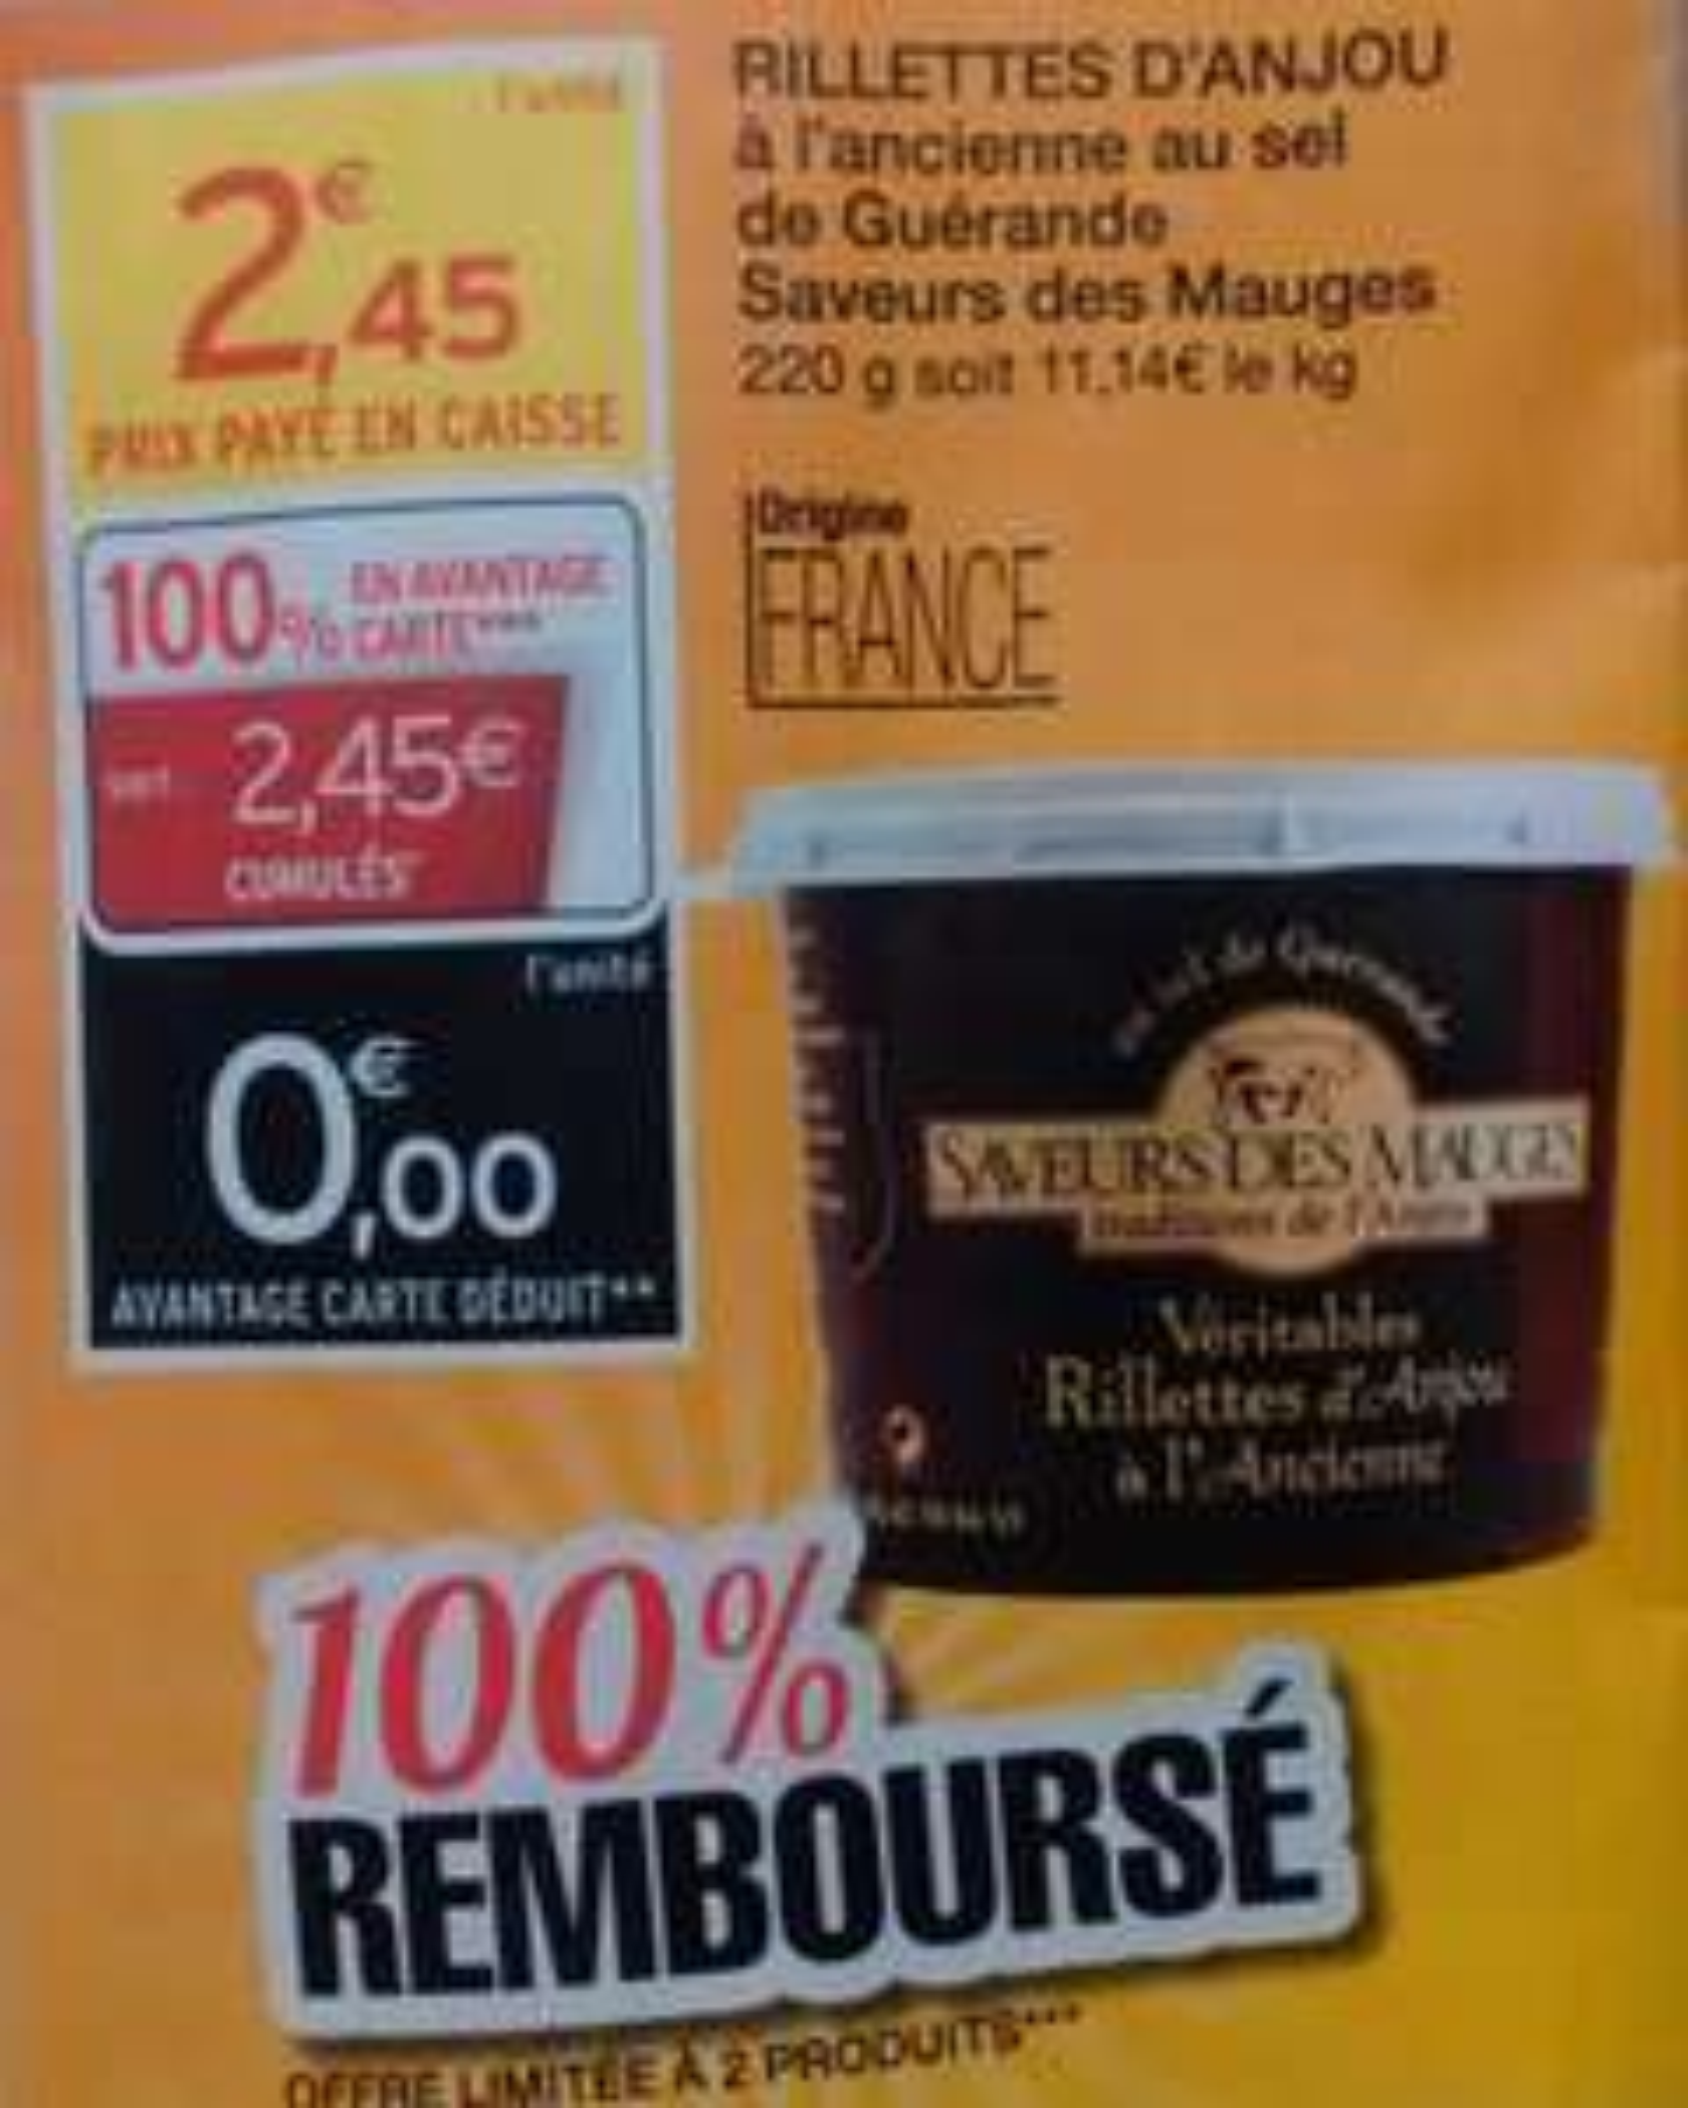 Rillettes d'Anjou Saveur des mauges 220g gratuit (via carte magasin)